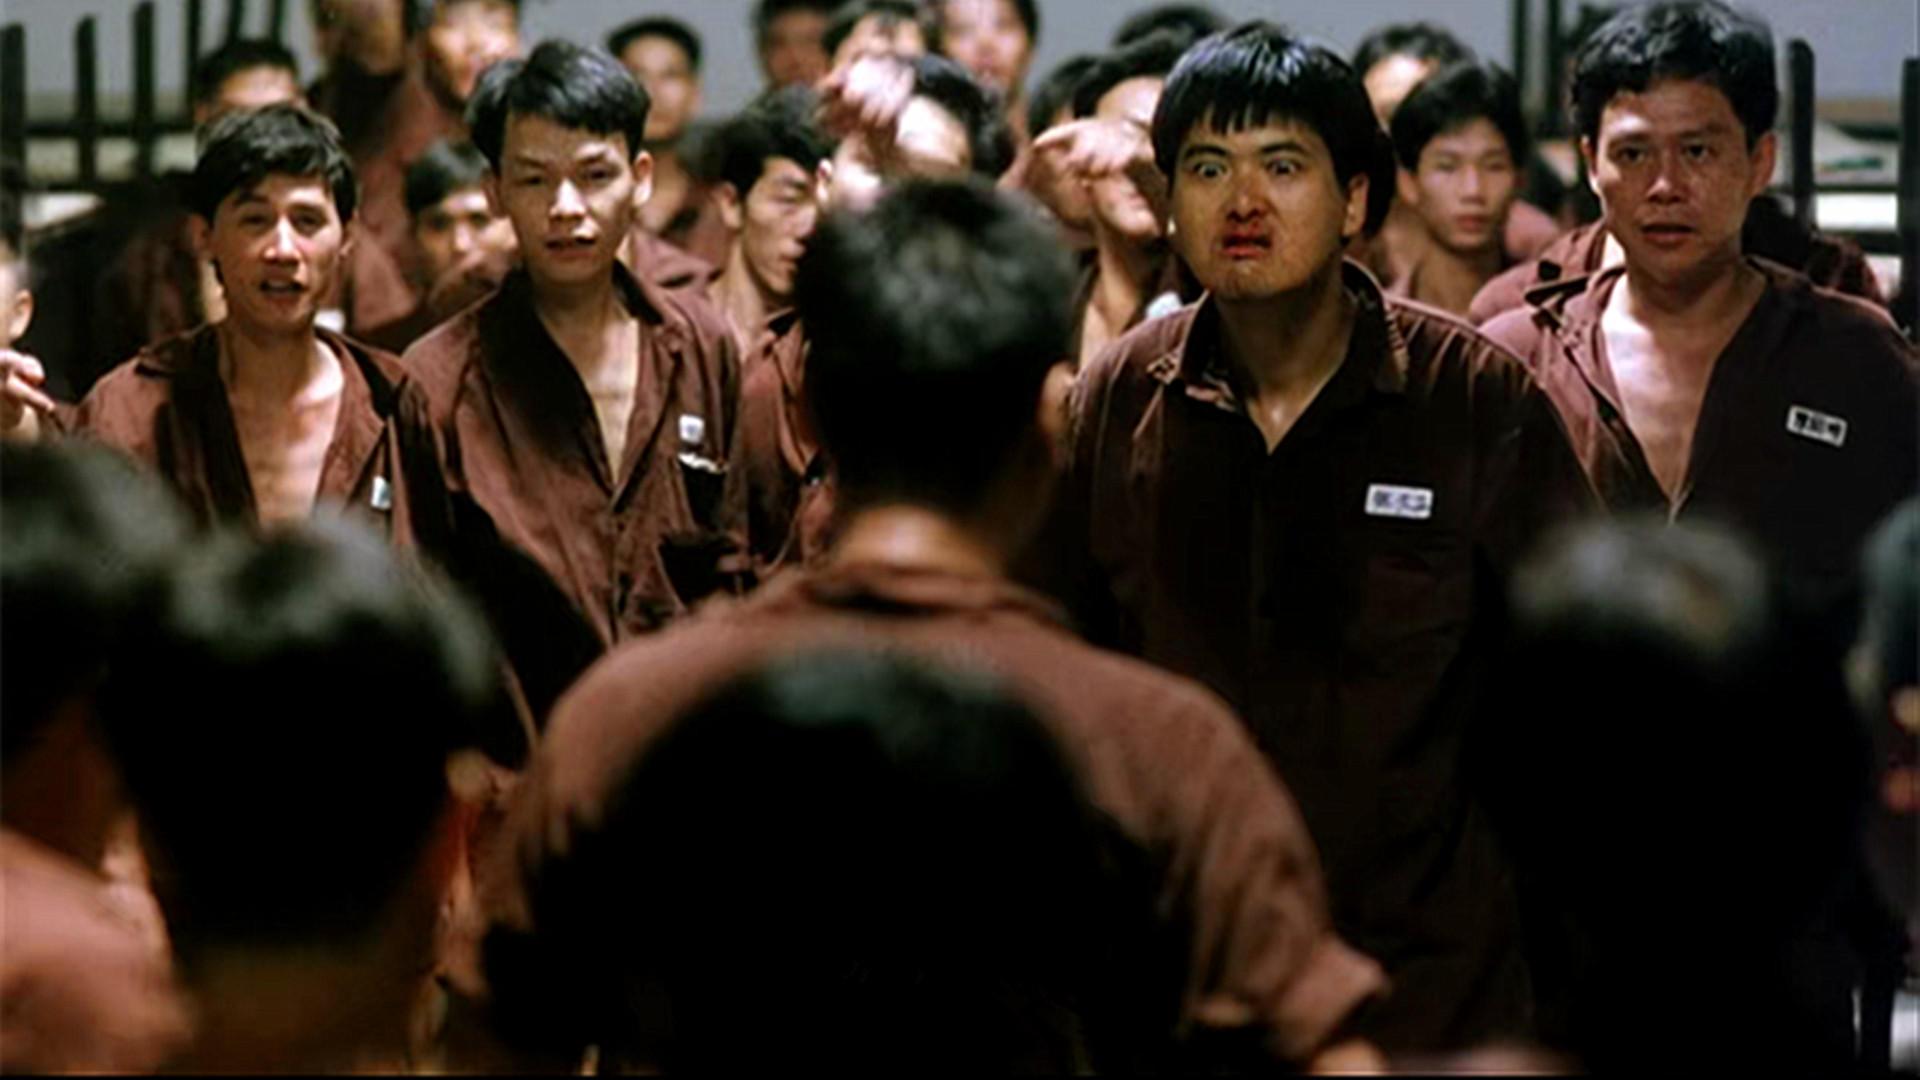 #电影片段#《监狱风云》三十年,这里是香港的监狱,周润发梁朝伟都呆过!